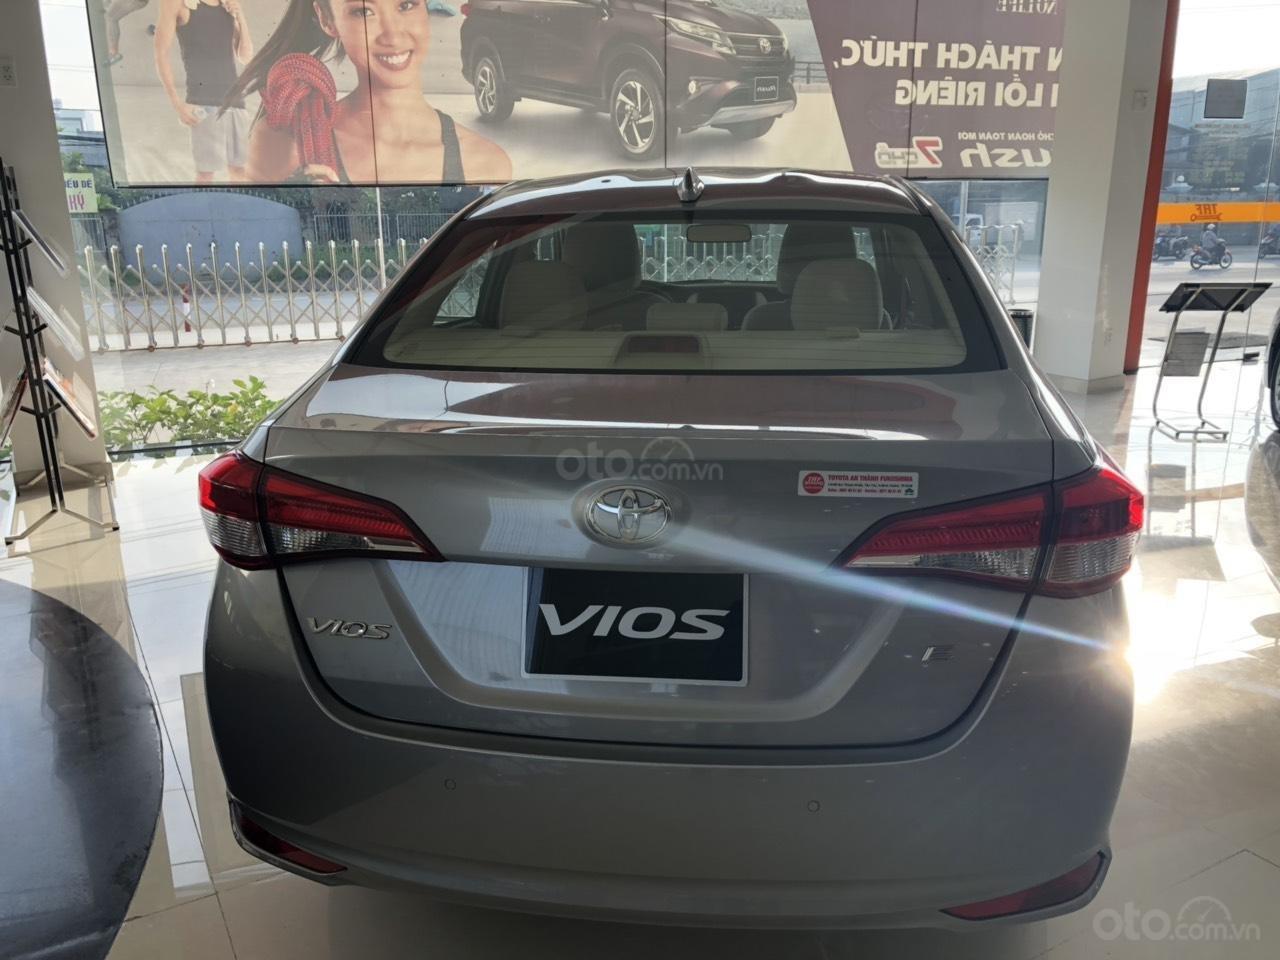 Toyota Vios 1.5E CVT đời 2019, màu bạc, hỗ trợ vay 85%, thanh toán 130tr nhận xe, lãi 0,6%/tháng-2